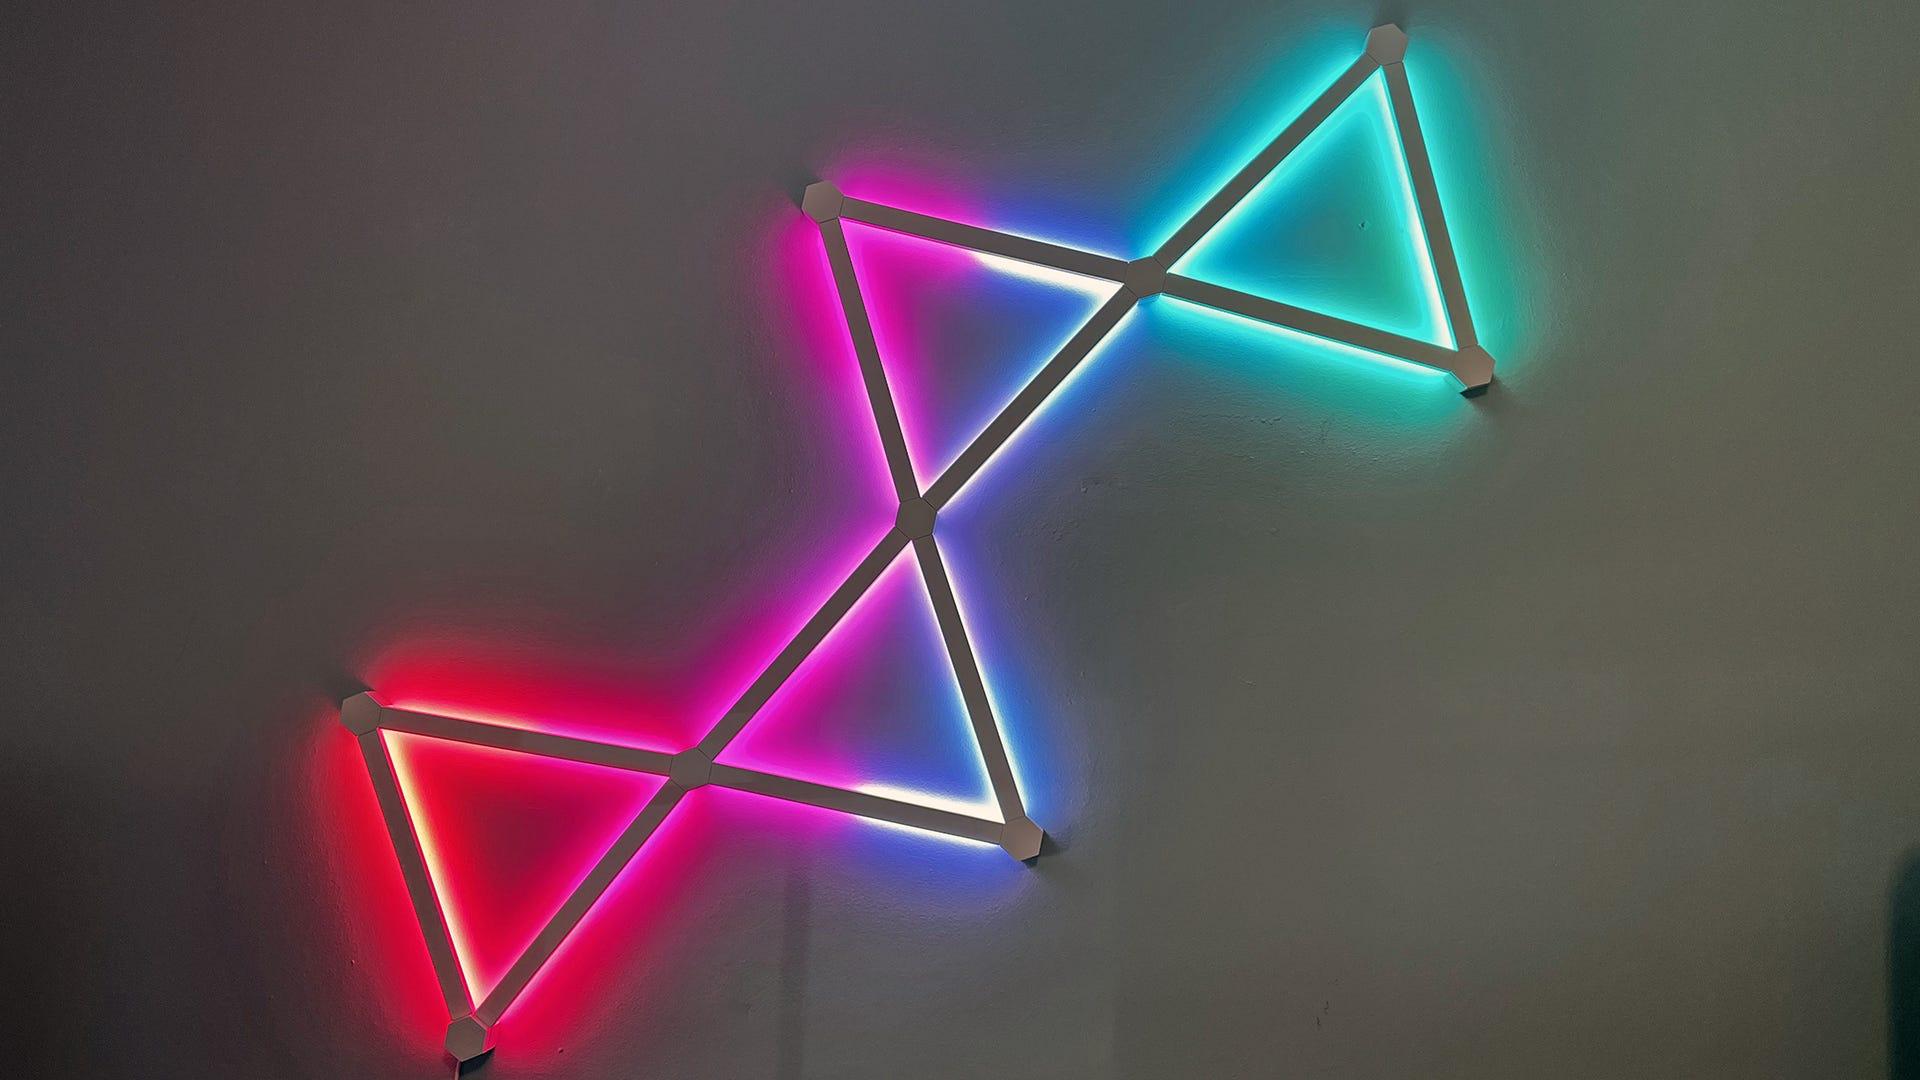 Đèn thắt nơ được kết nối phát sáng màu đỏ, tím, xanh lam và mòng két.